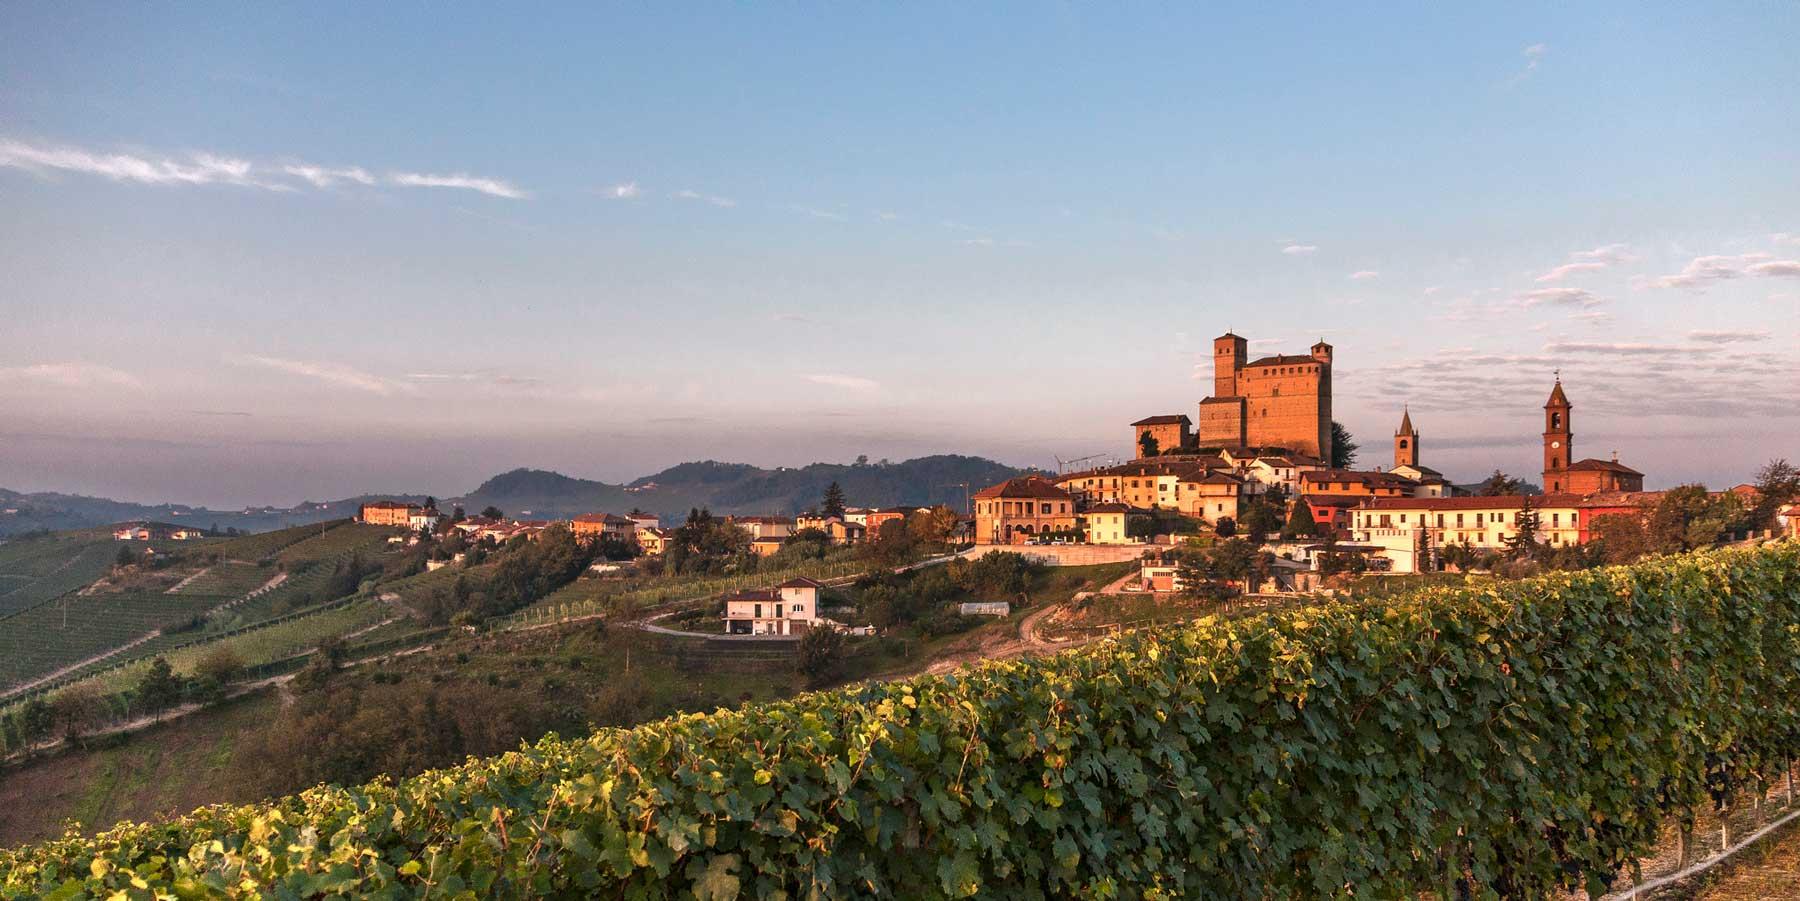 Langhe con castello di Grinzane Cavour sullo sfondo